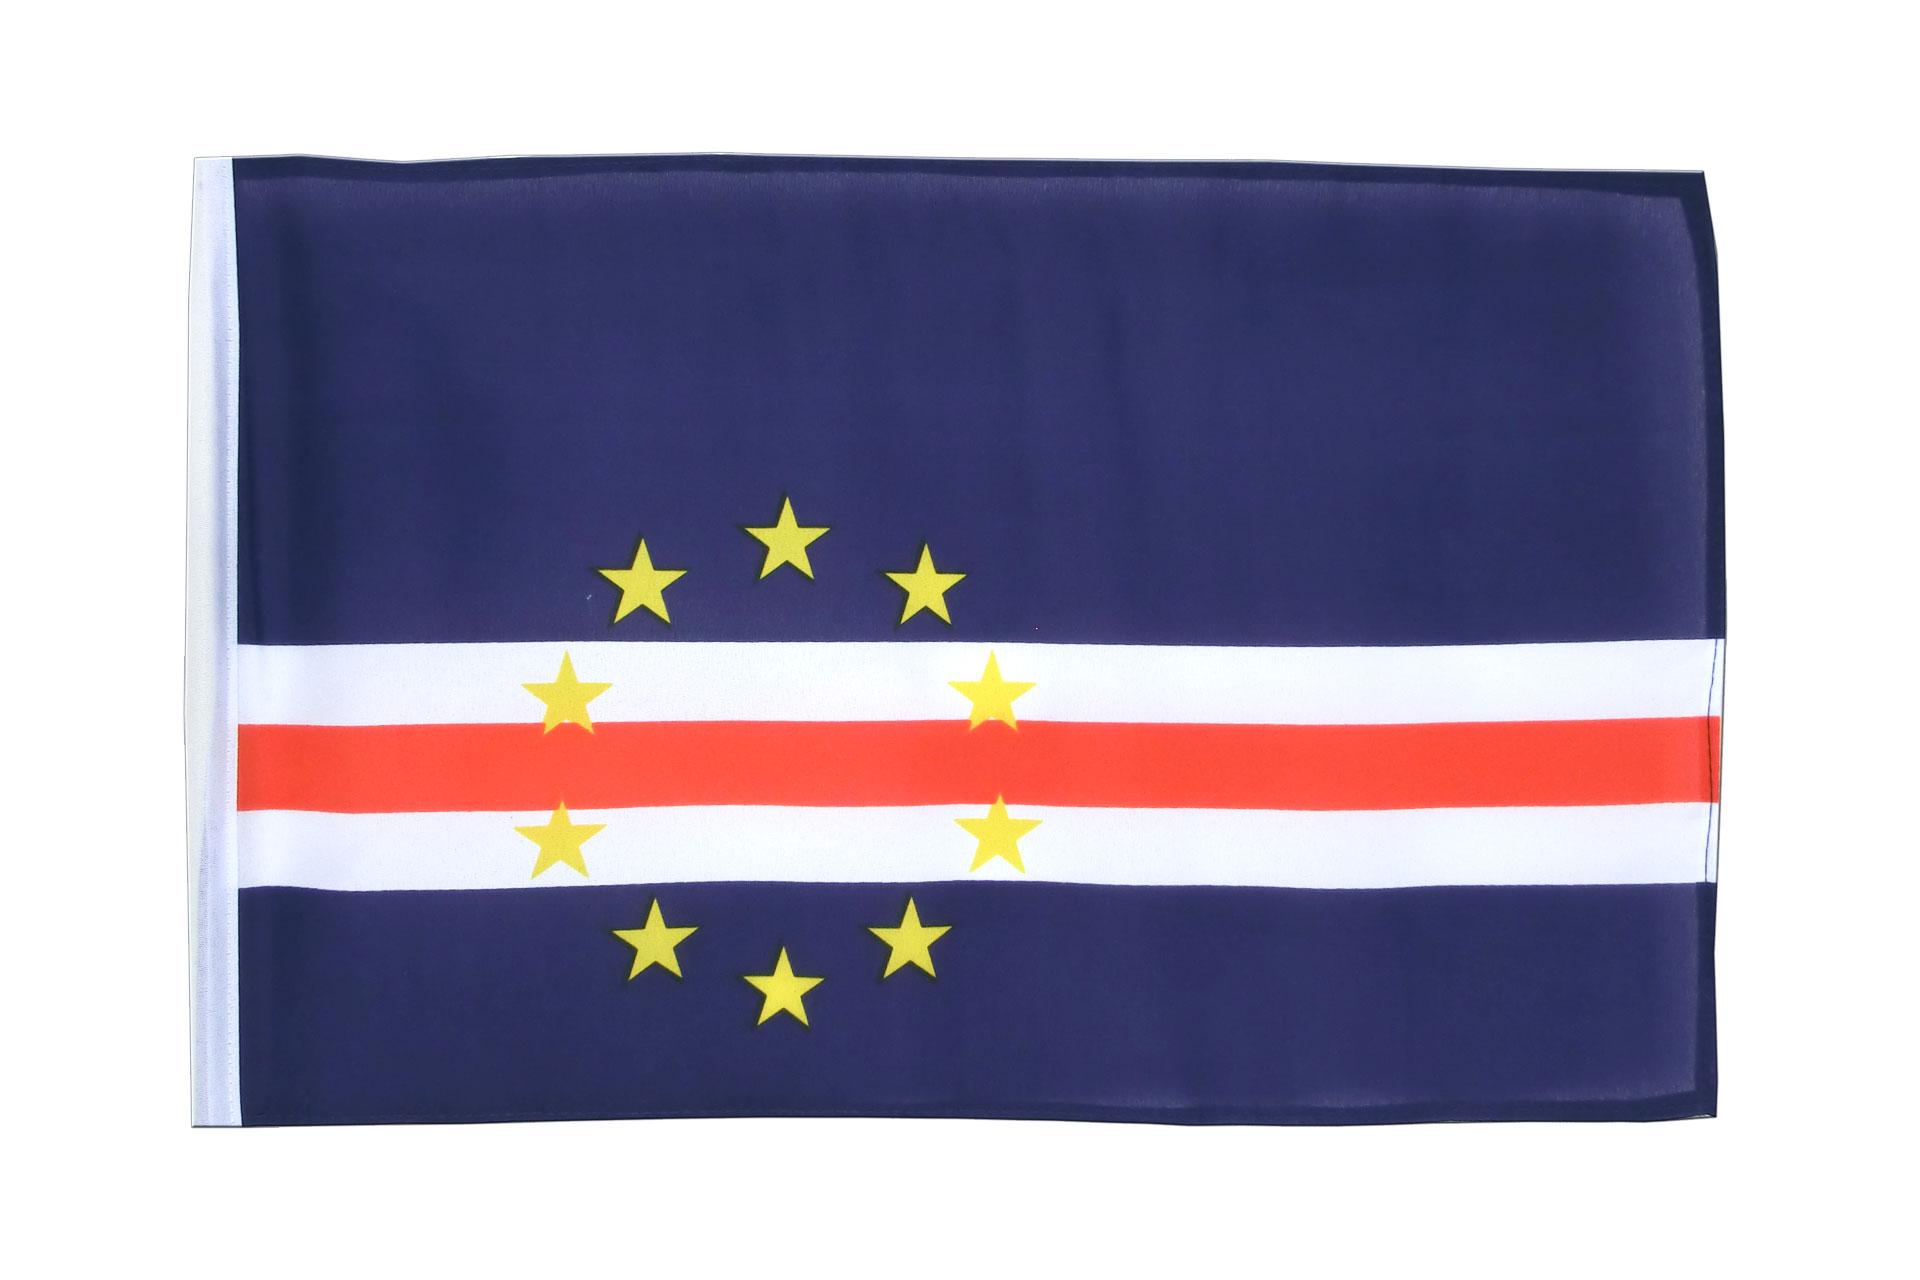 Kleine kap verde flagge 30 x 45 cm - Kleine kap ...